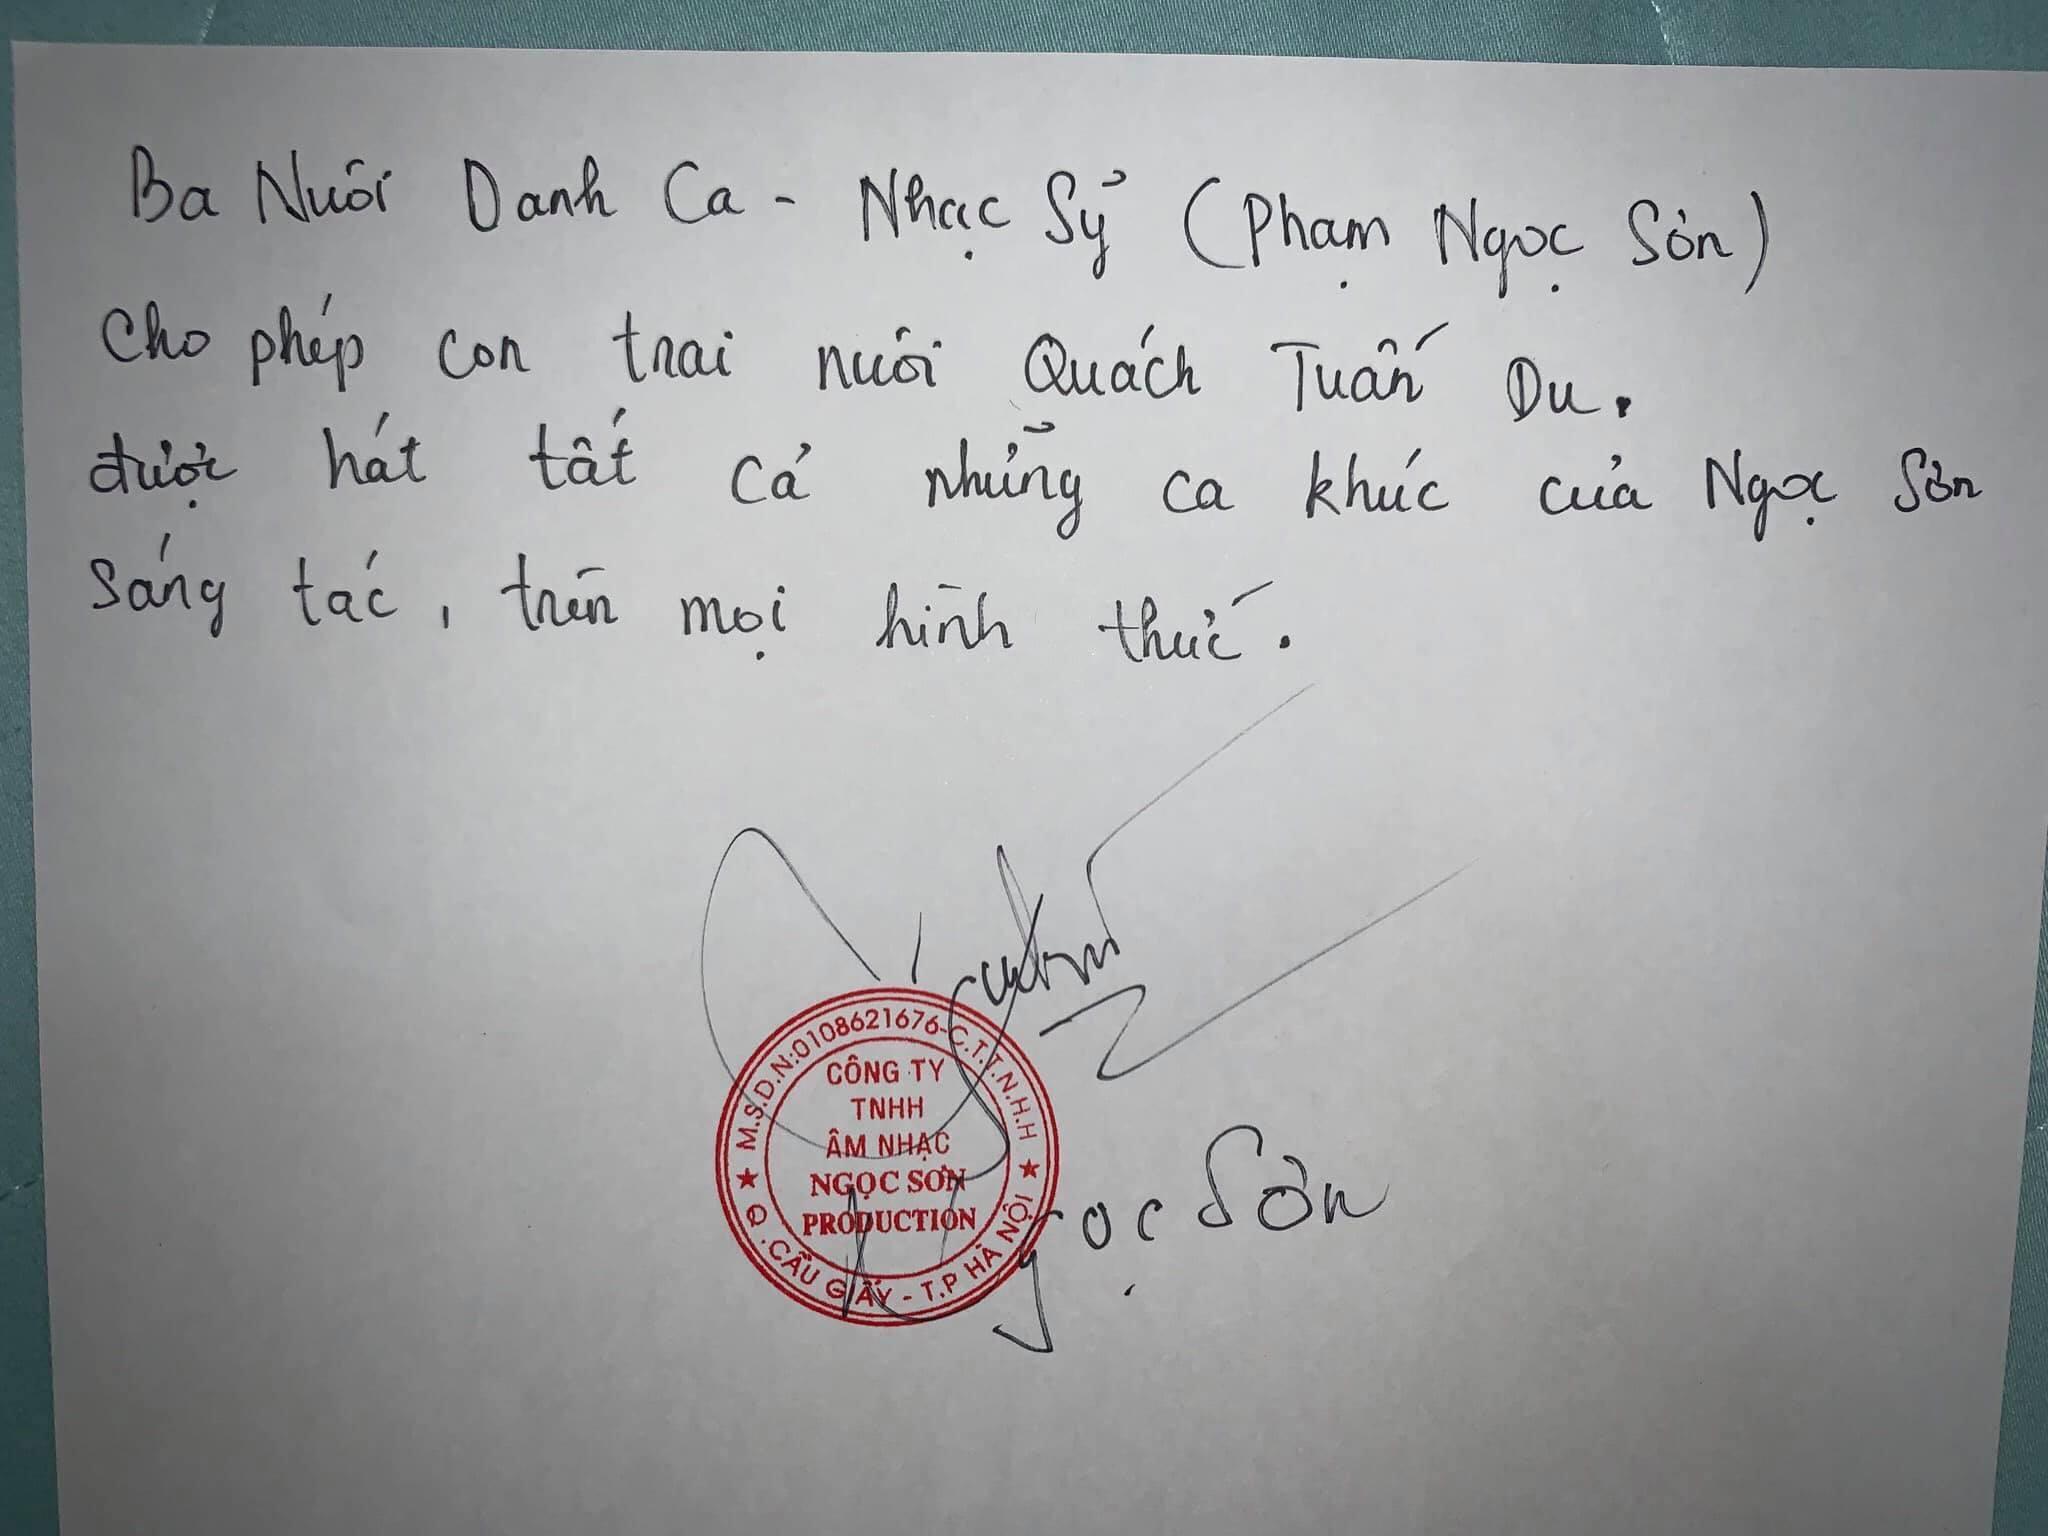 Quách Tuấn Du,Ngọc Sơn